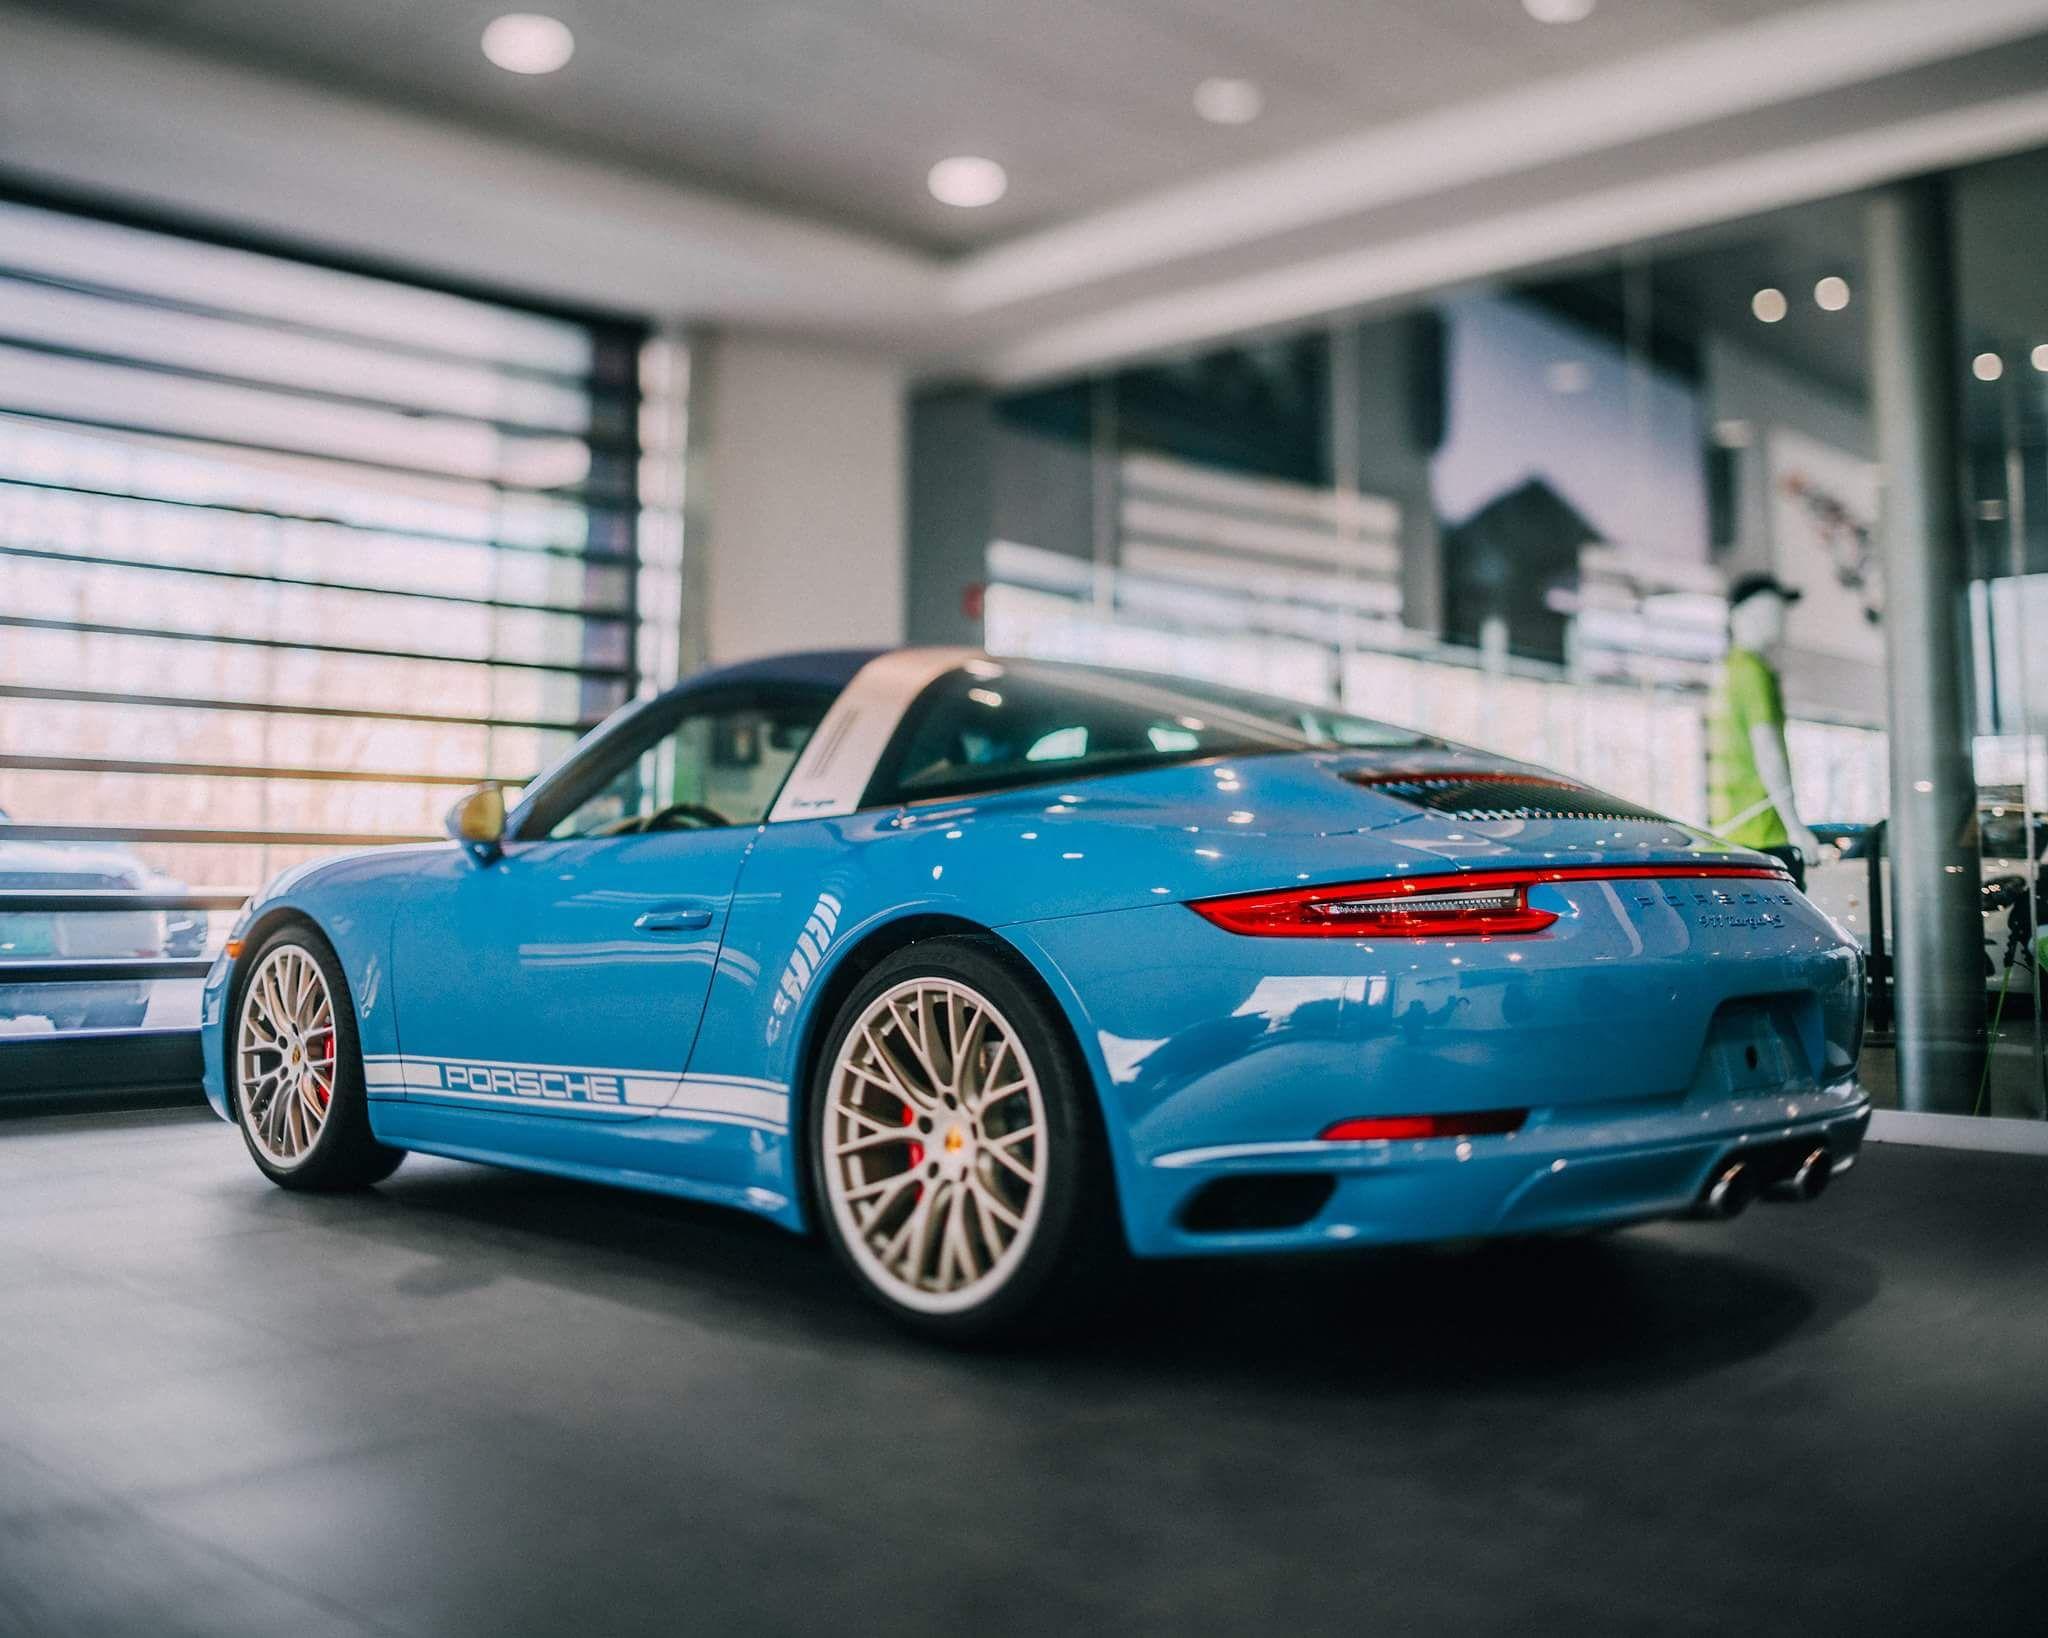 991 2 Targa 4s Exclusive Design Edition Porsche Porsche911 Porschelife Cayenne Cars Car Porsche 911 Targa Porsche 911 Porsche Gt